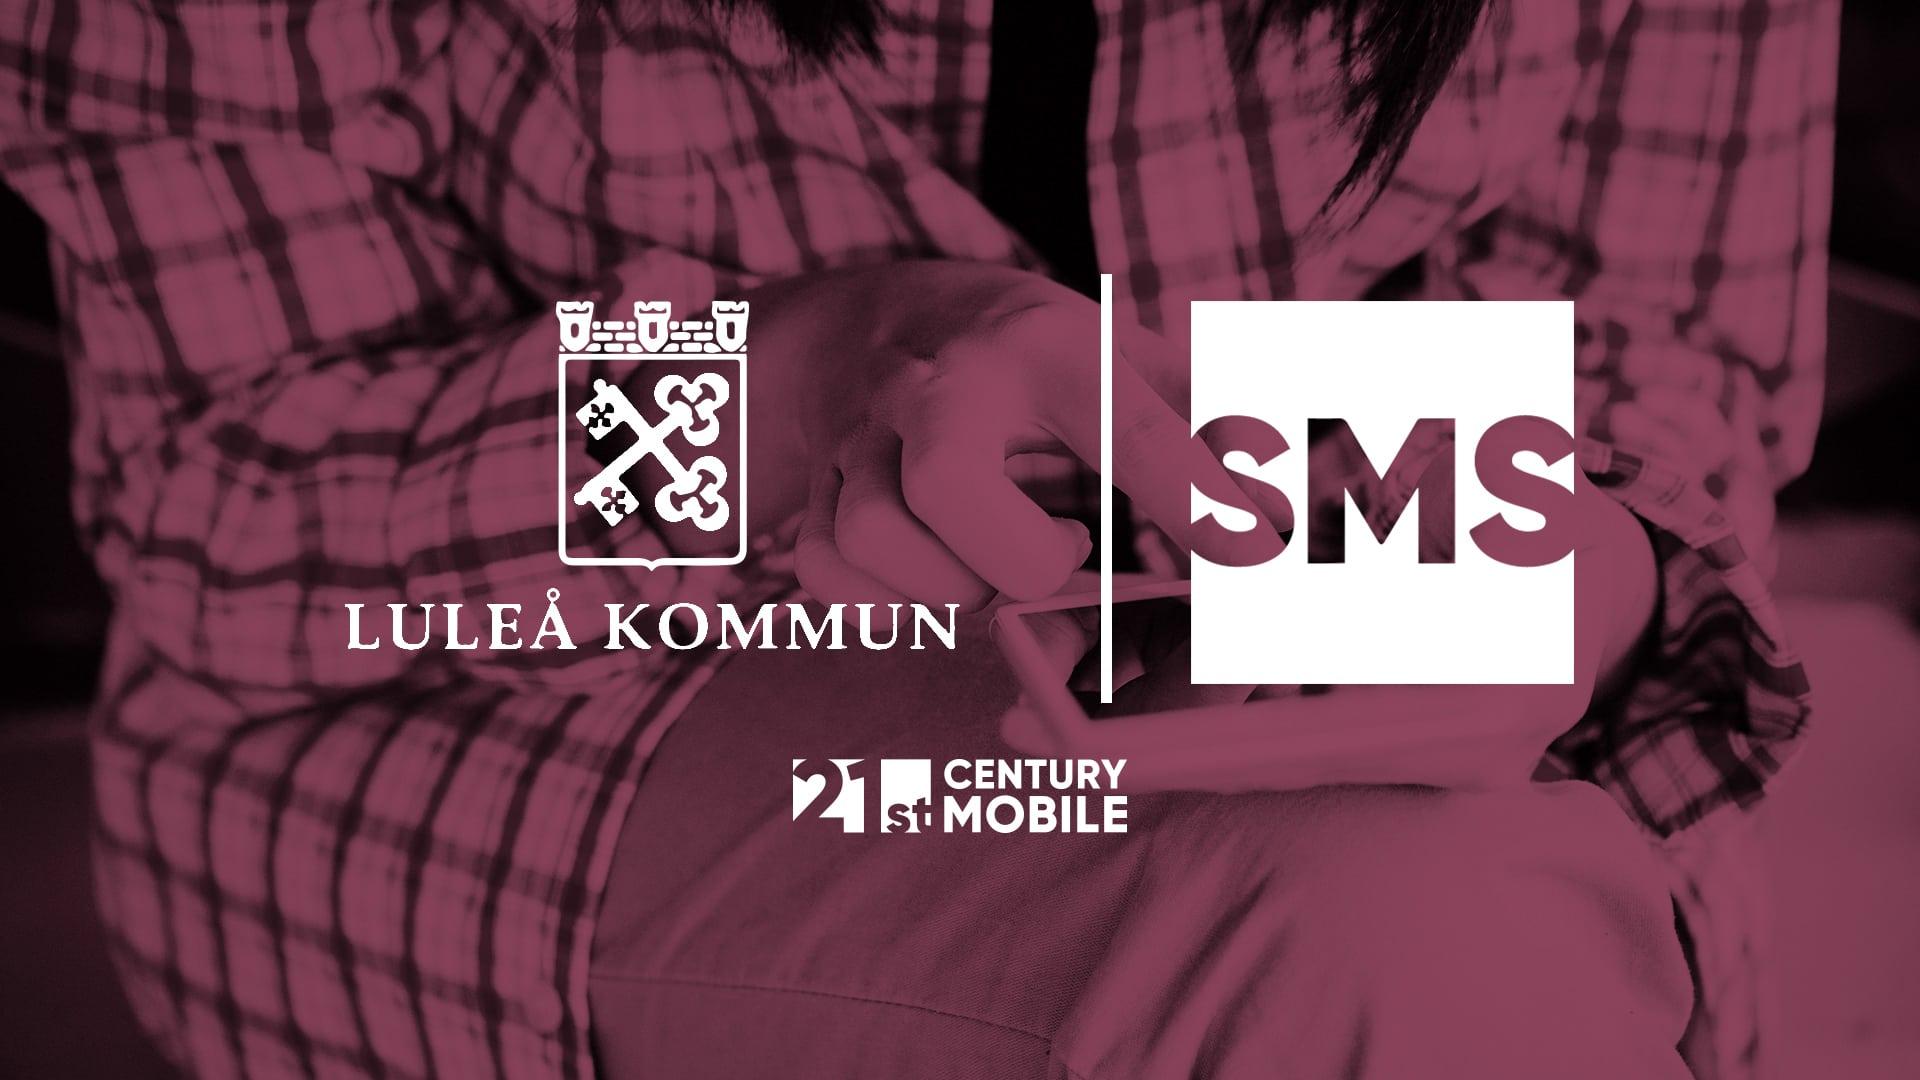 Luleå kommun sms- tjänst från 21st